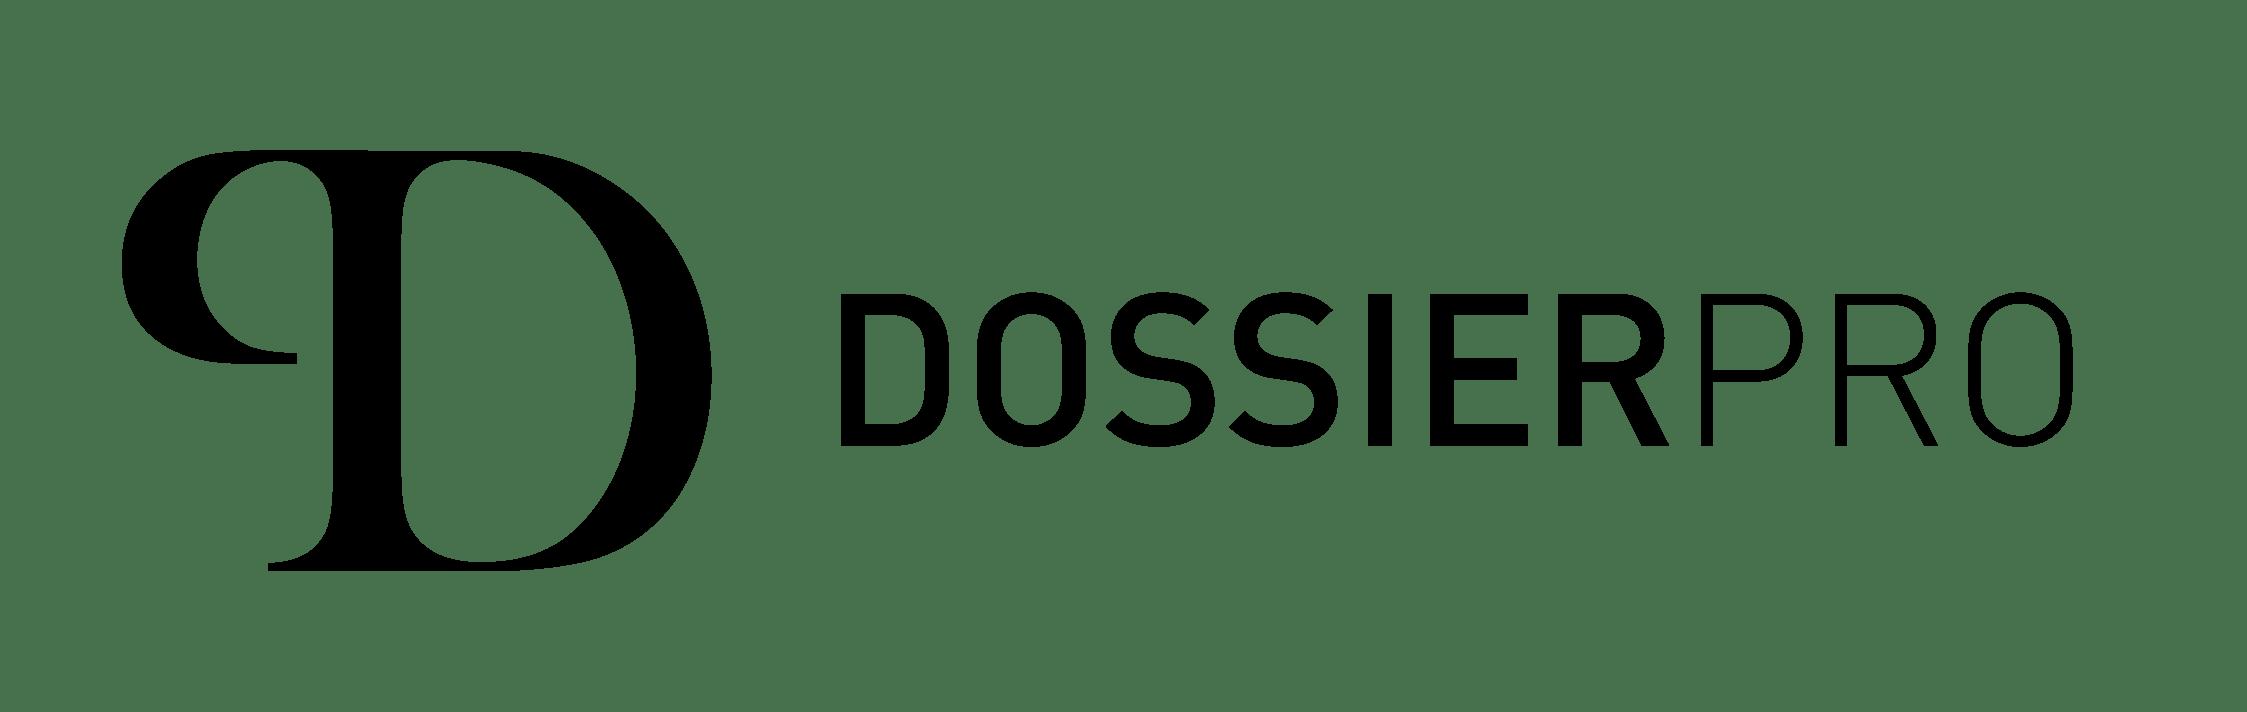 DossierPro